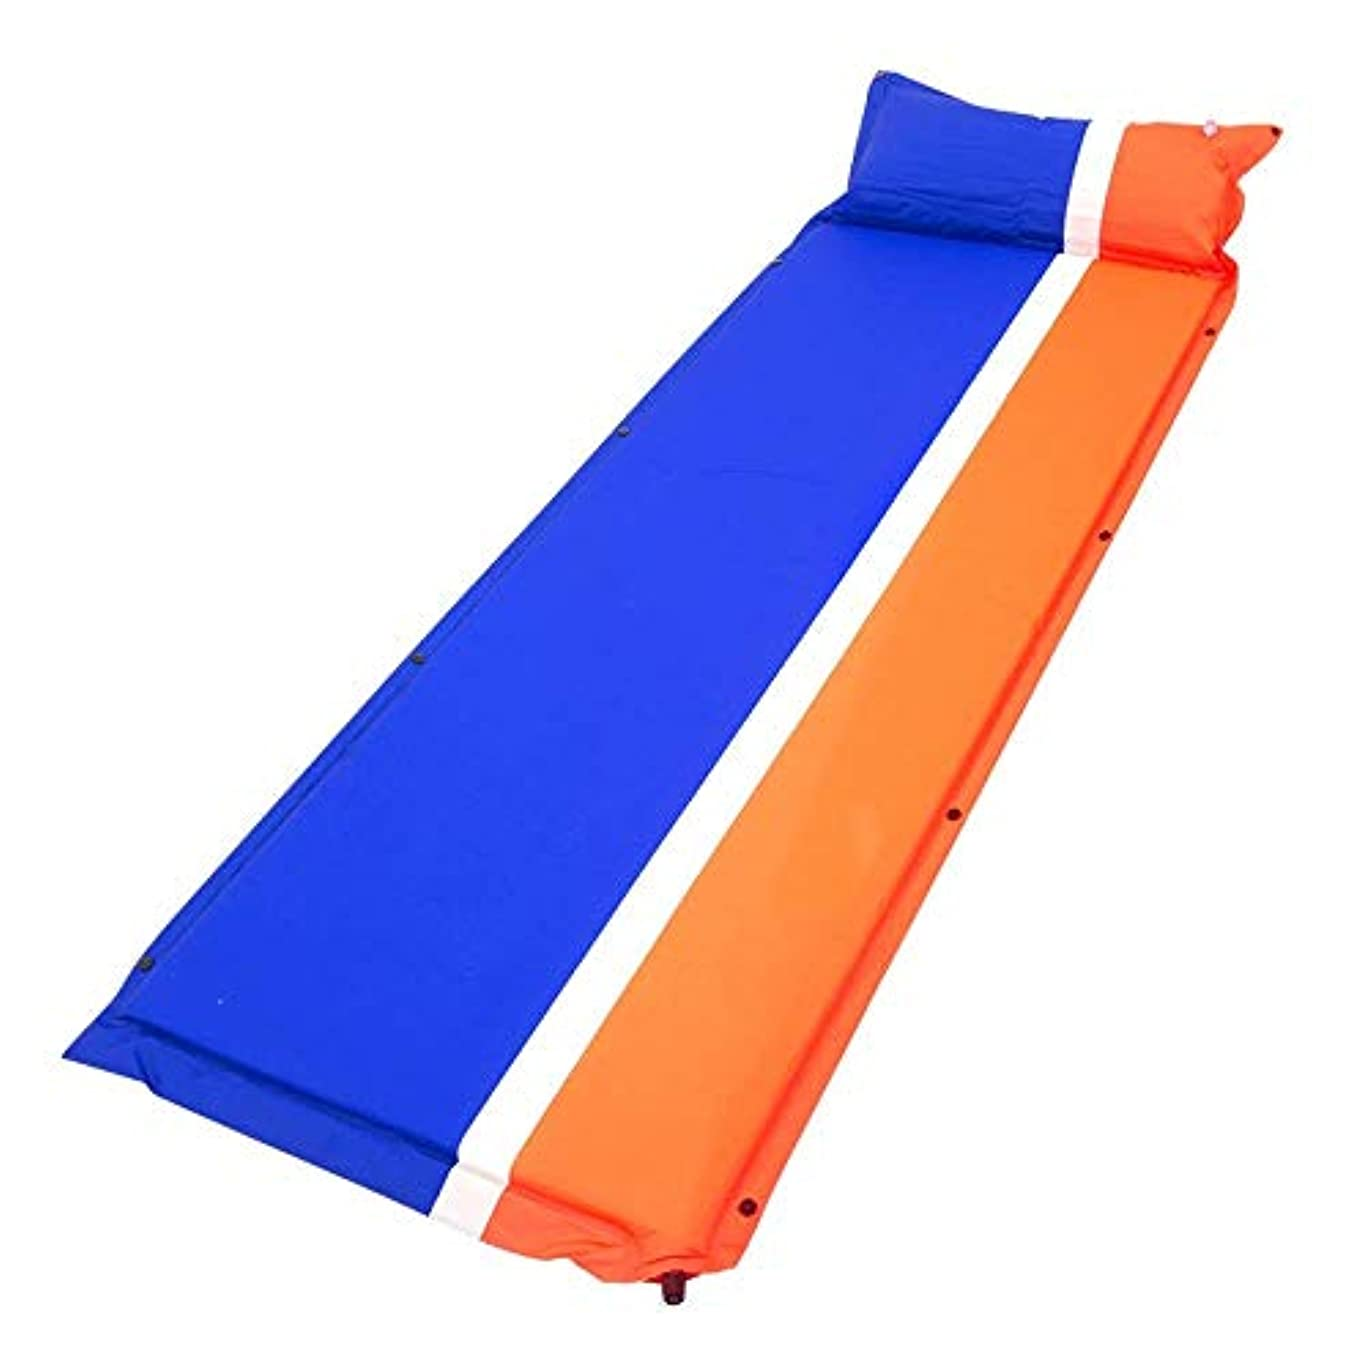 内陸ドレイン耕すWSJTT スリーピングパッド-ハイキング、バックパッキングに最適な枕、軽量、防湿キャンプパッド付きの快適でコンパクトな自己膨張式スリーピングマット